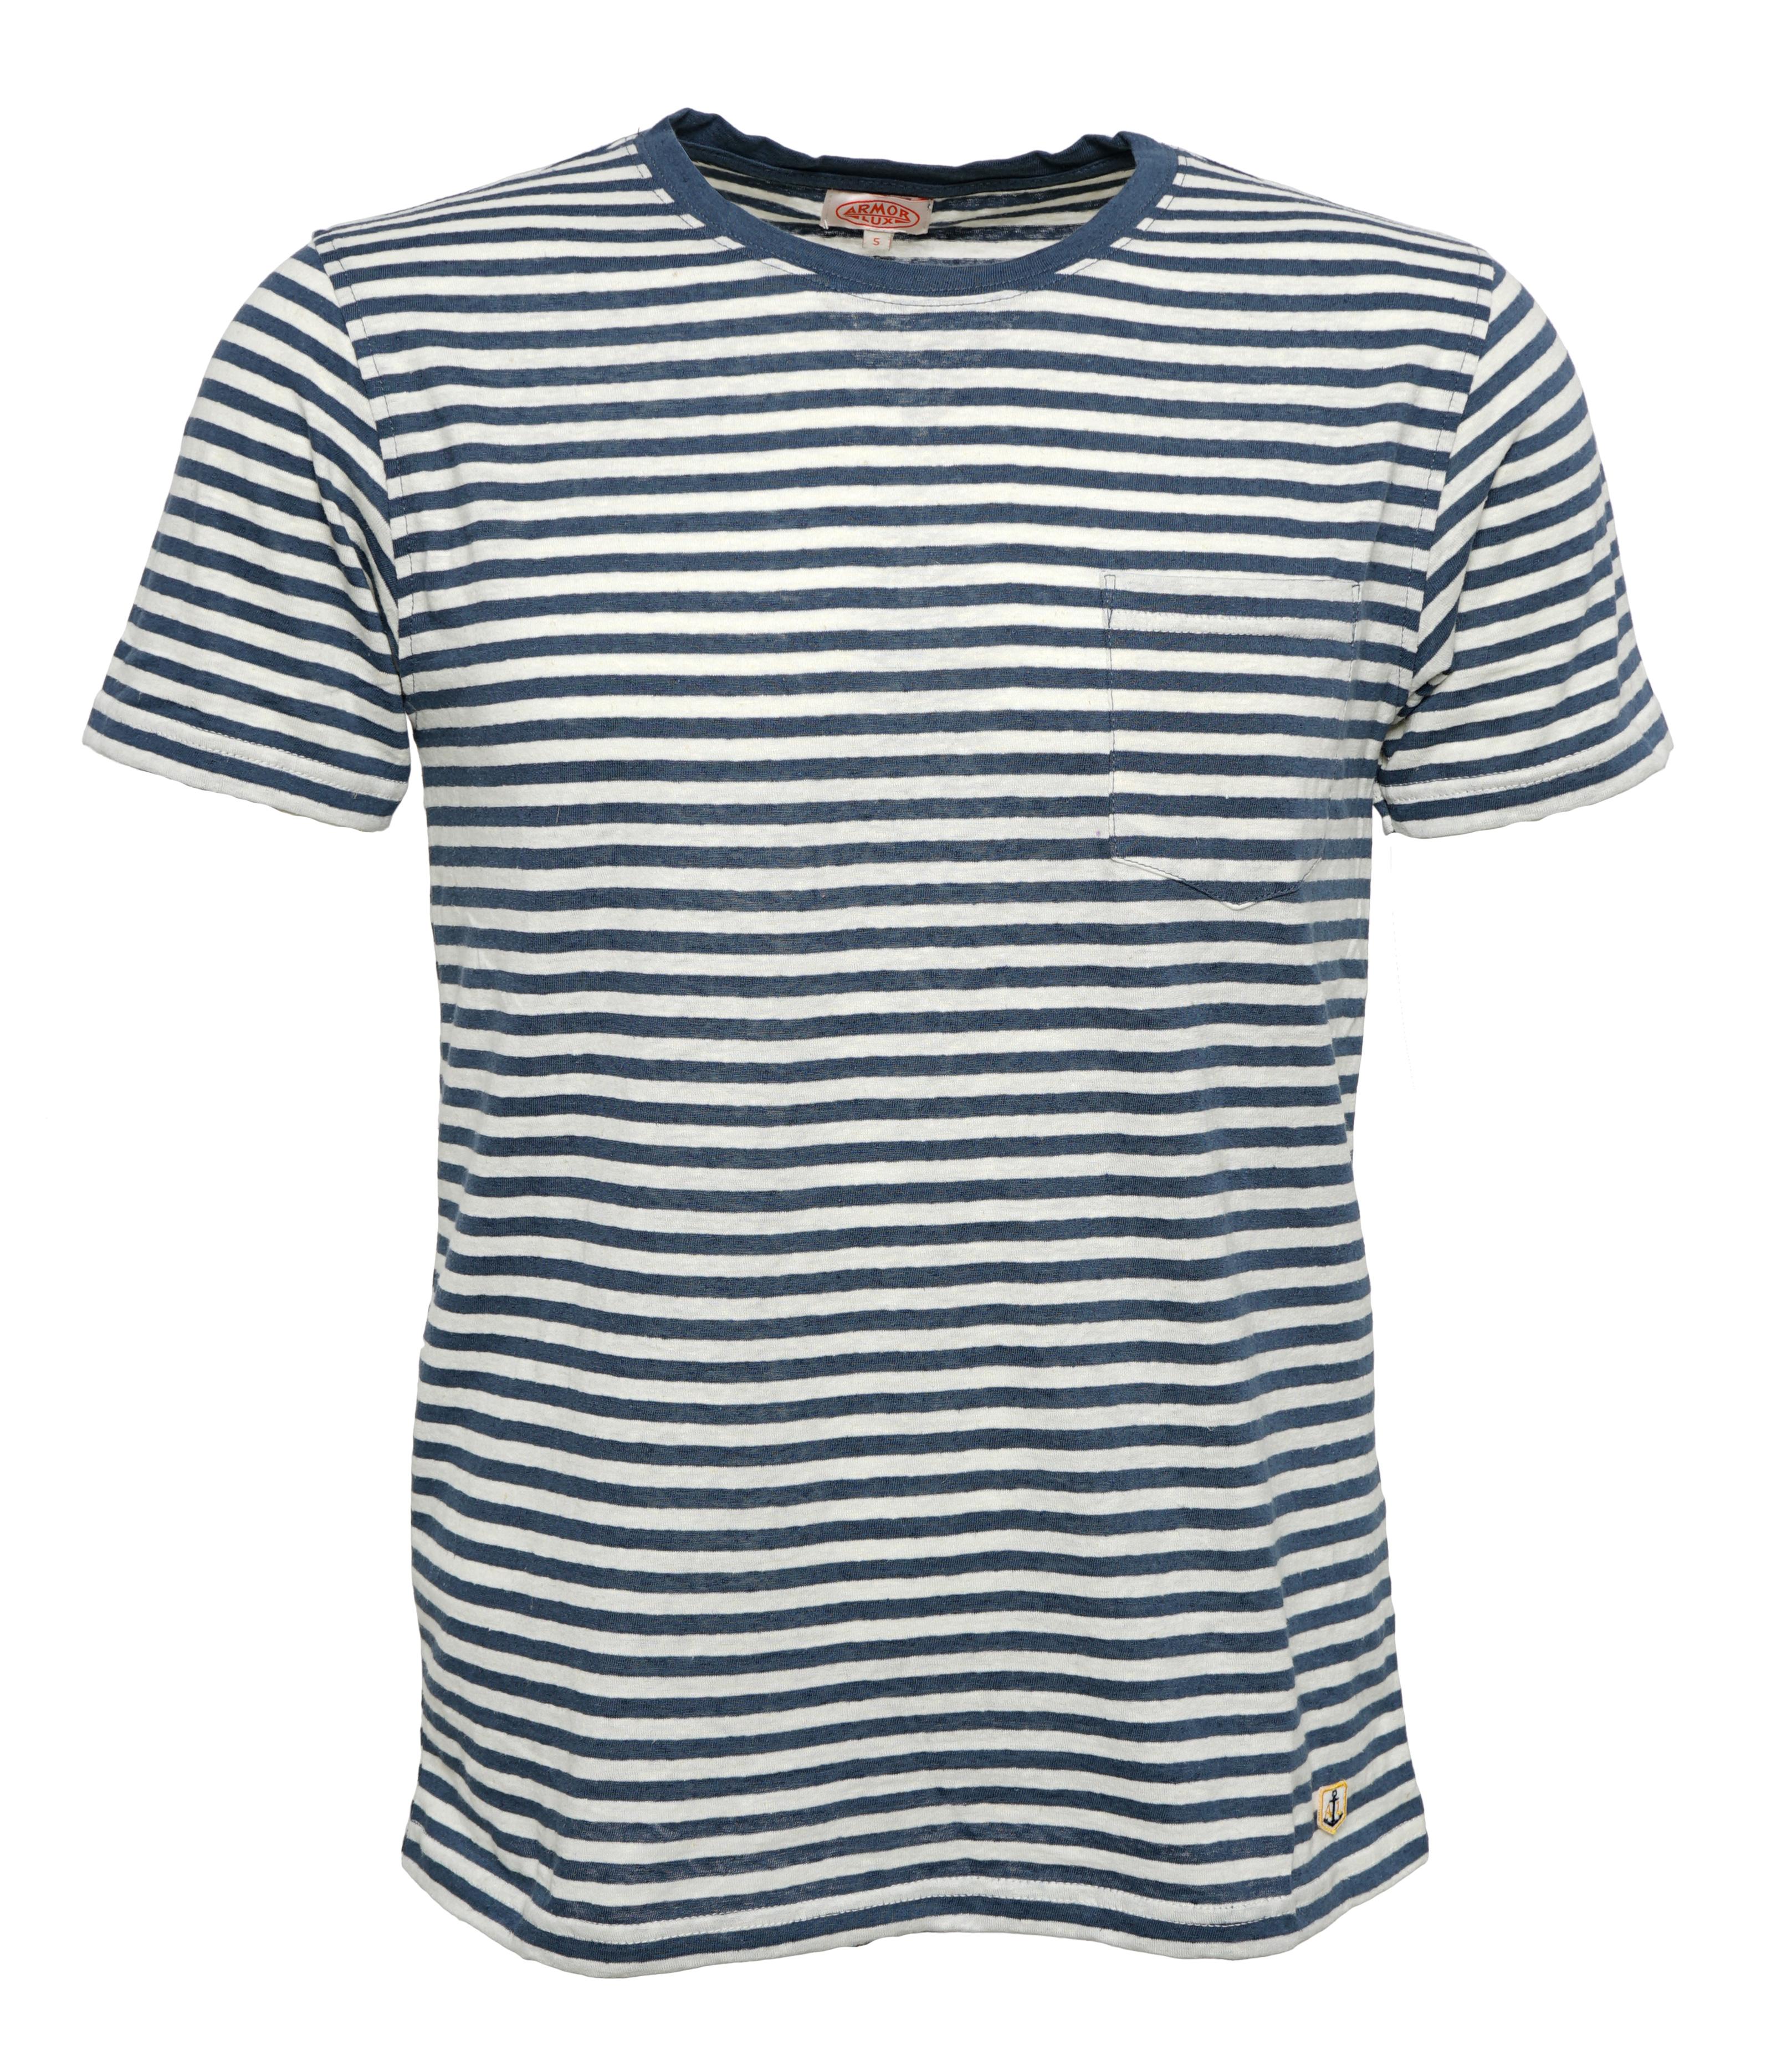 Armor Lux Streifen-T-Shirt Herren mit Leinen Blau-Weiß Heritage    Hanseheld.de b5ac97b280